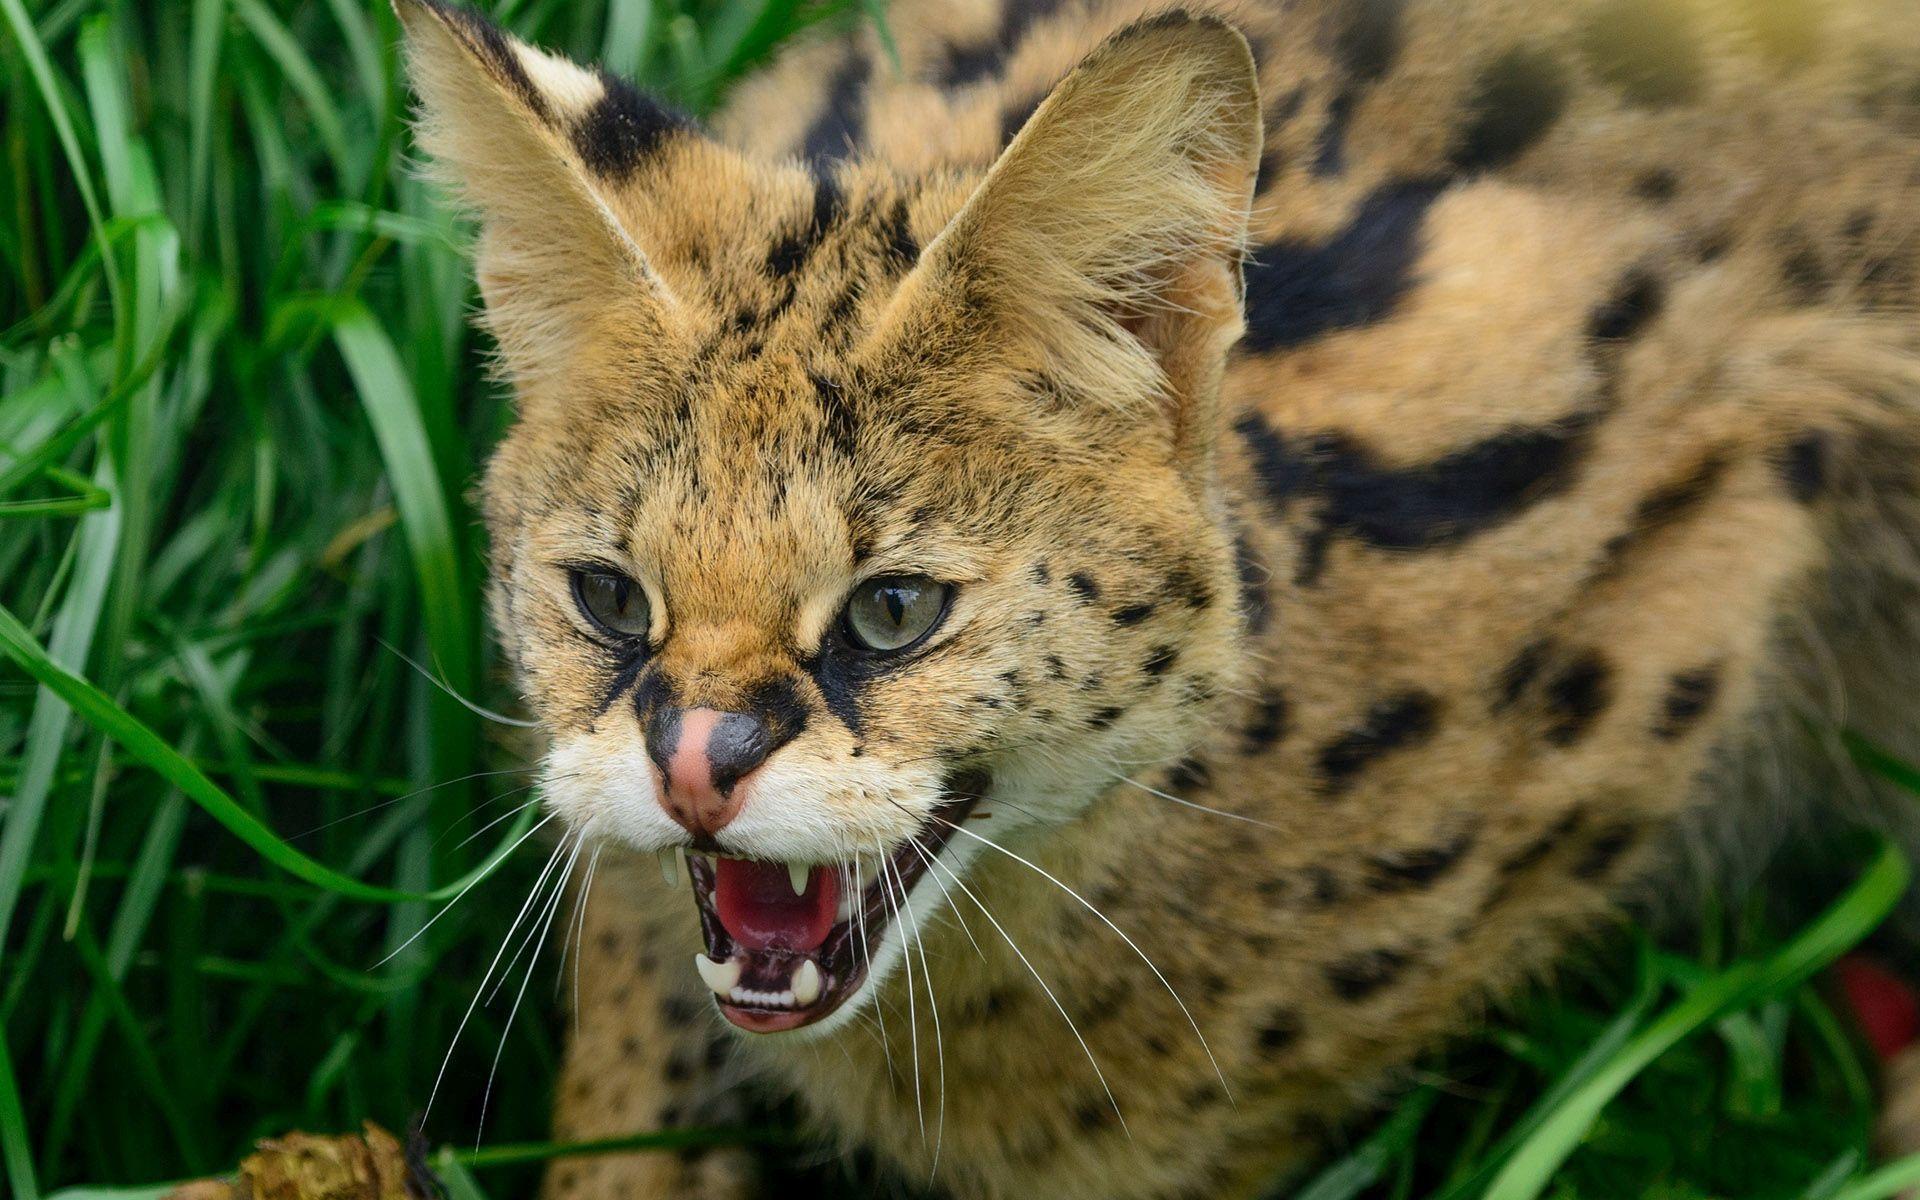 Cute Halloween Cat Wallpaper Wildcat Wallpapers Download Free Pixelstalk Net